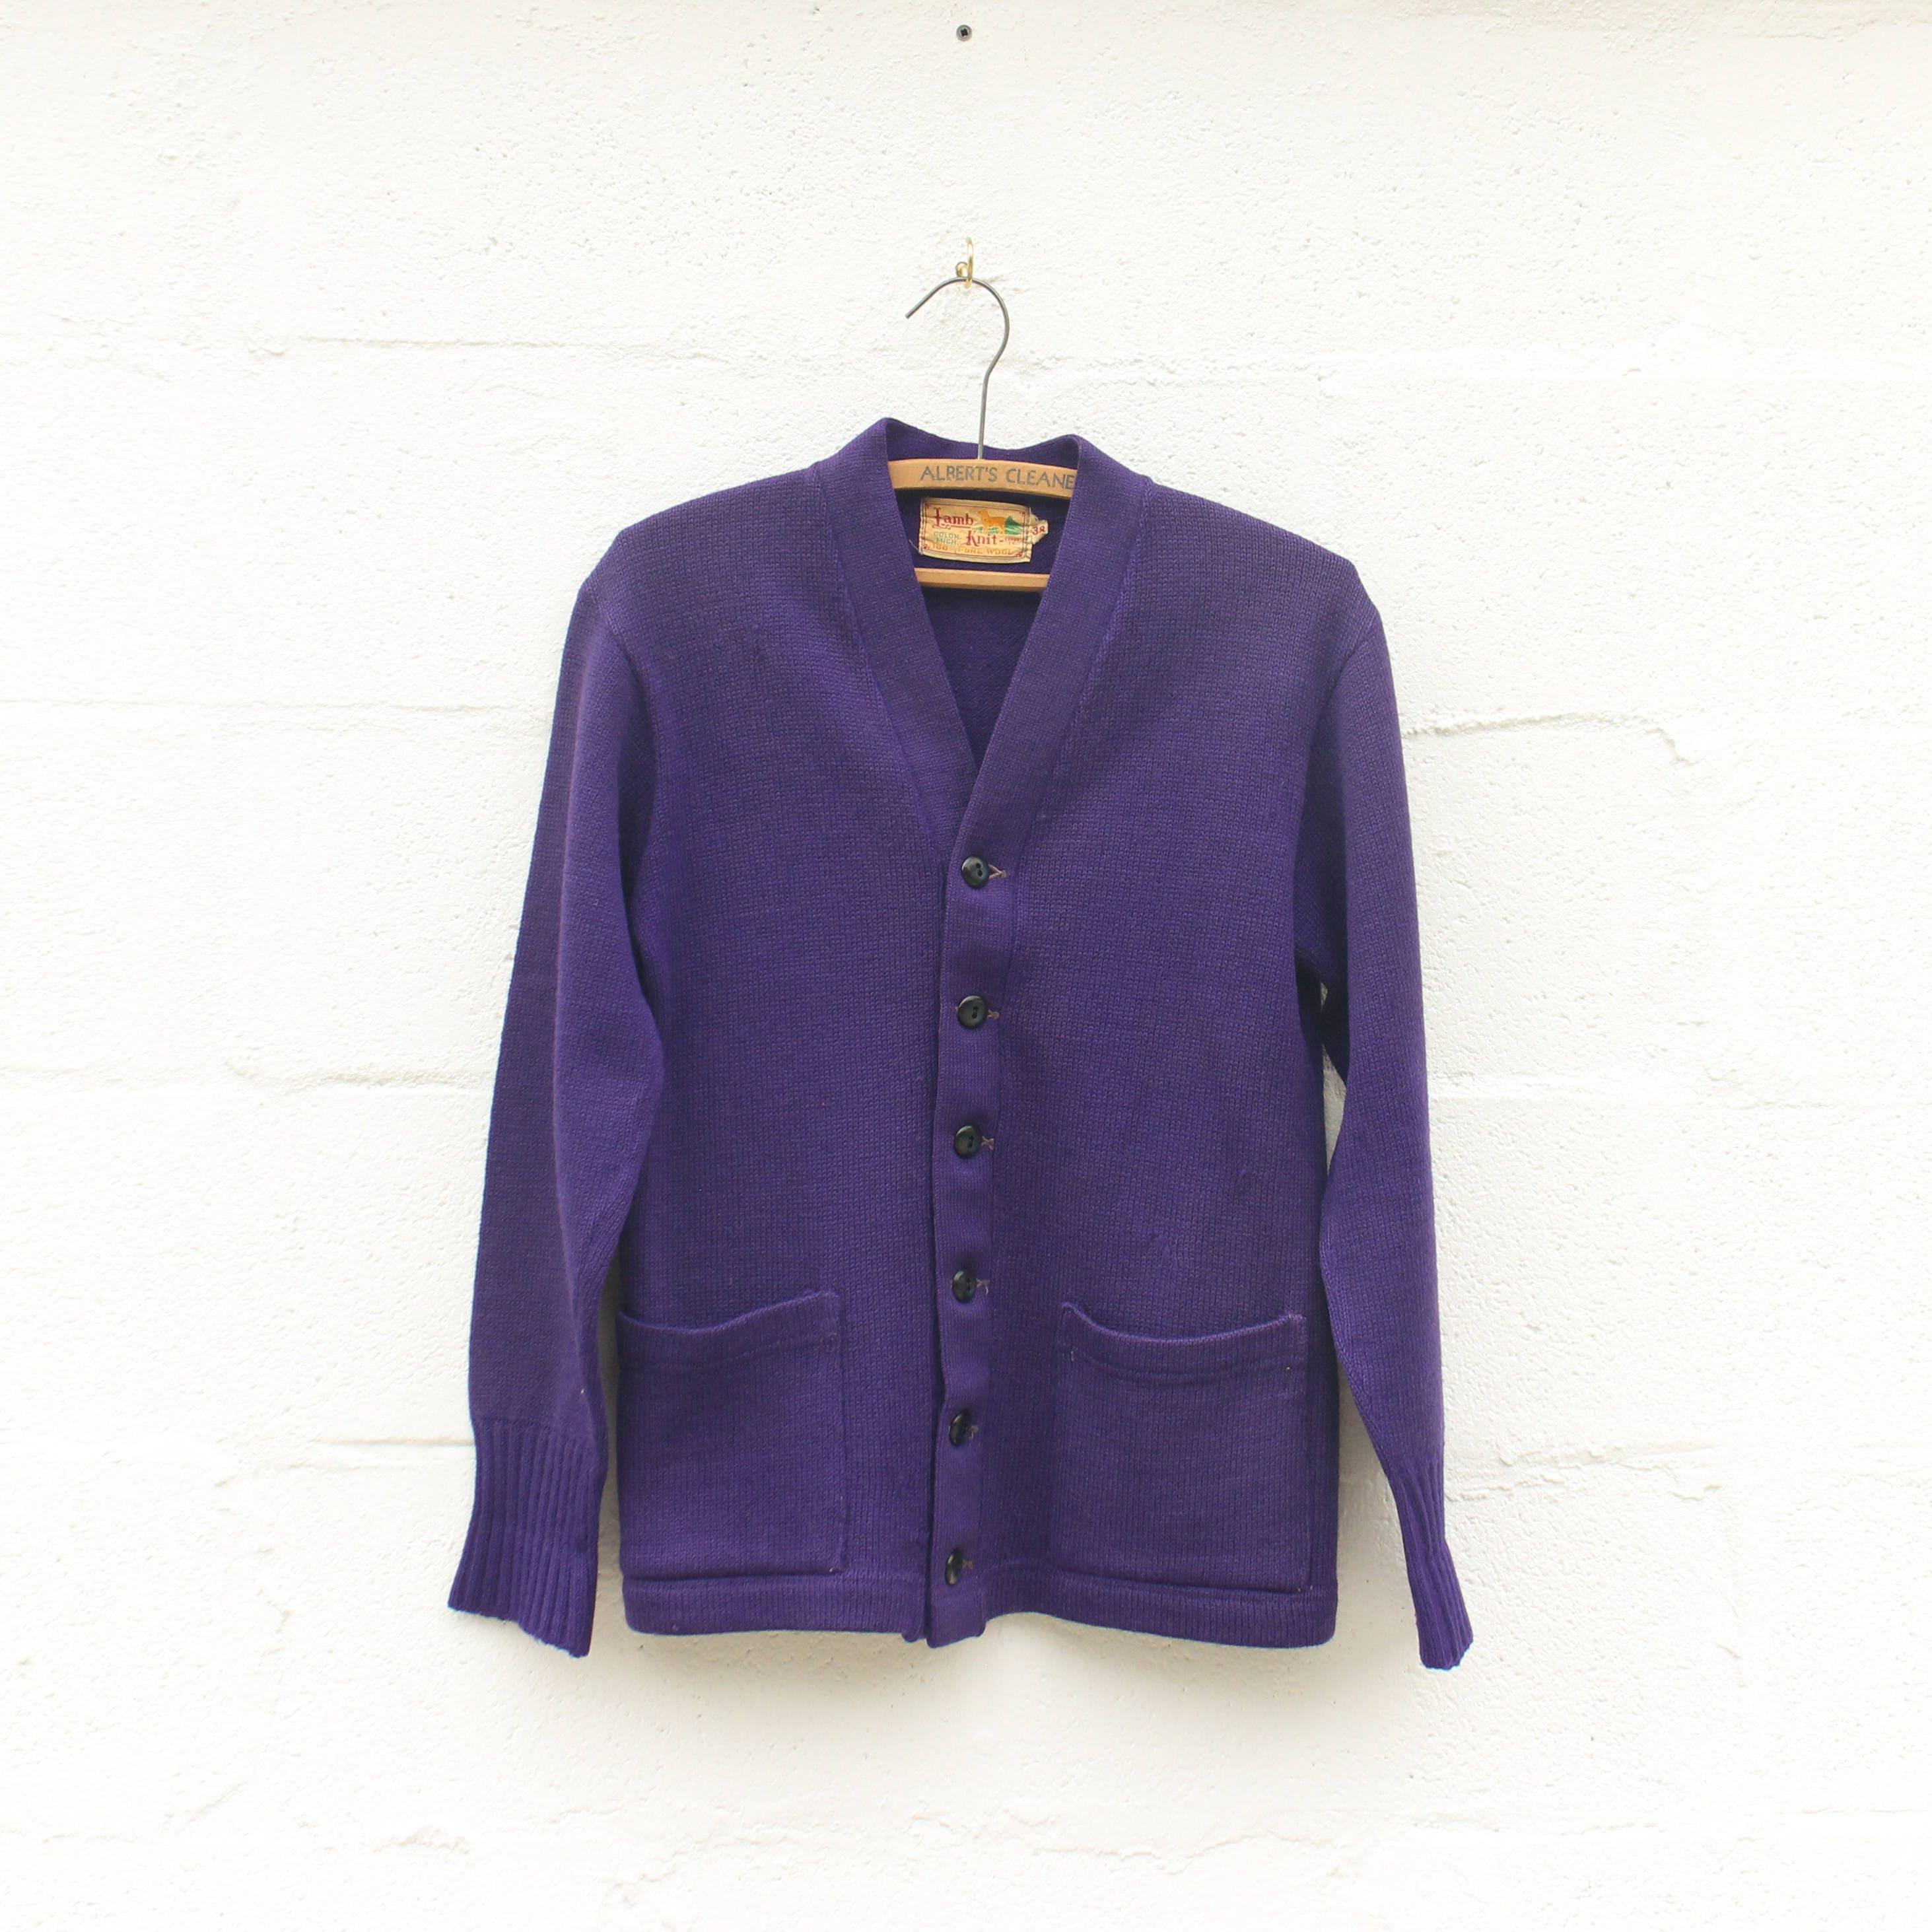 38 | | 38 Pull Cardigan violet en agneau tricot Goods Co. a9c228